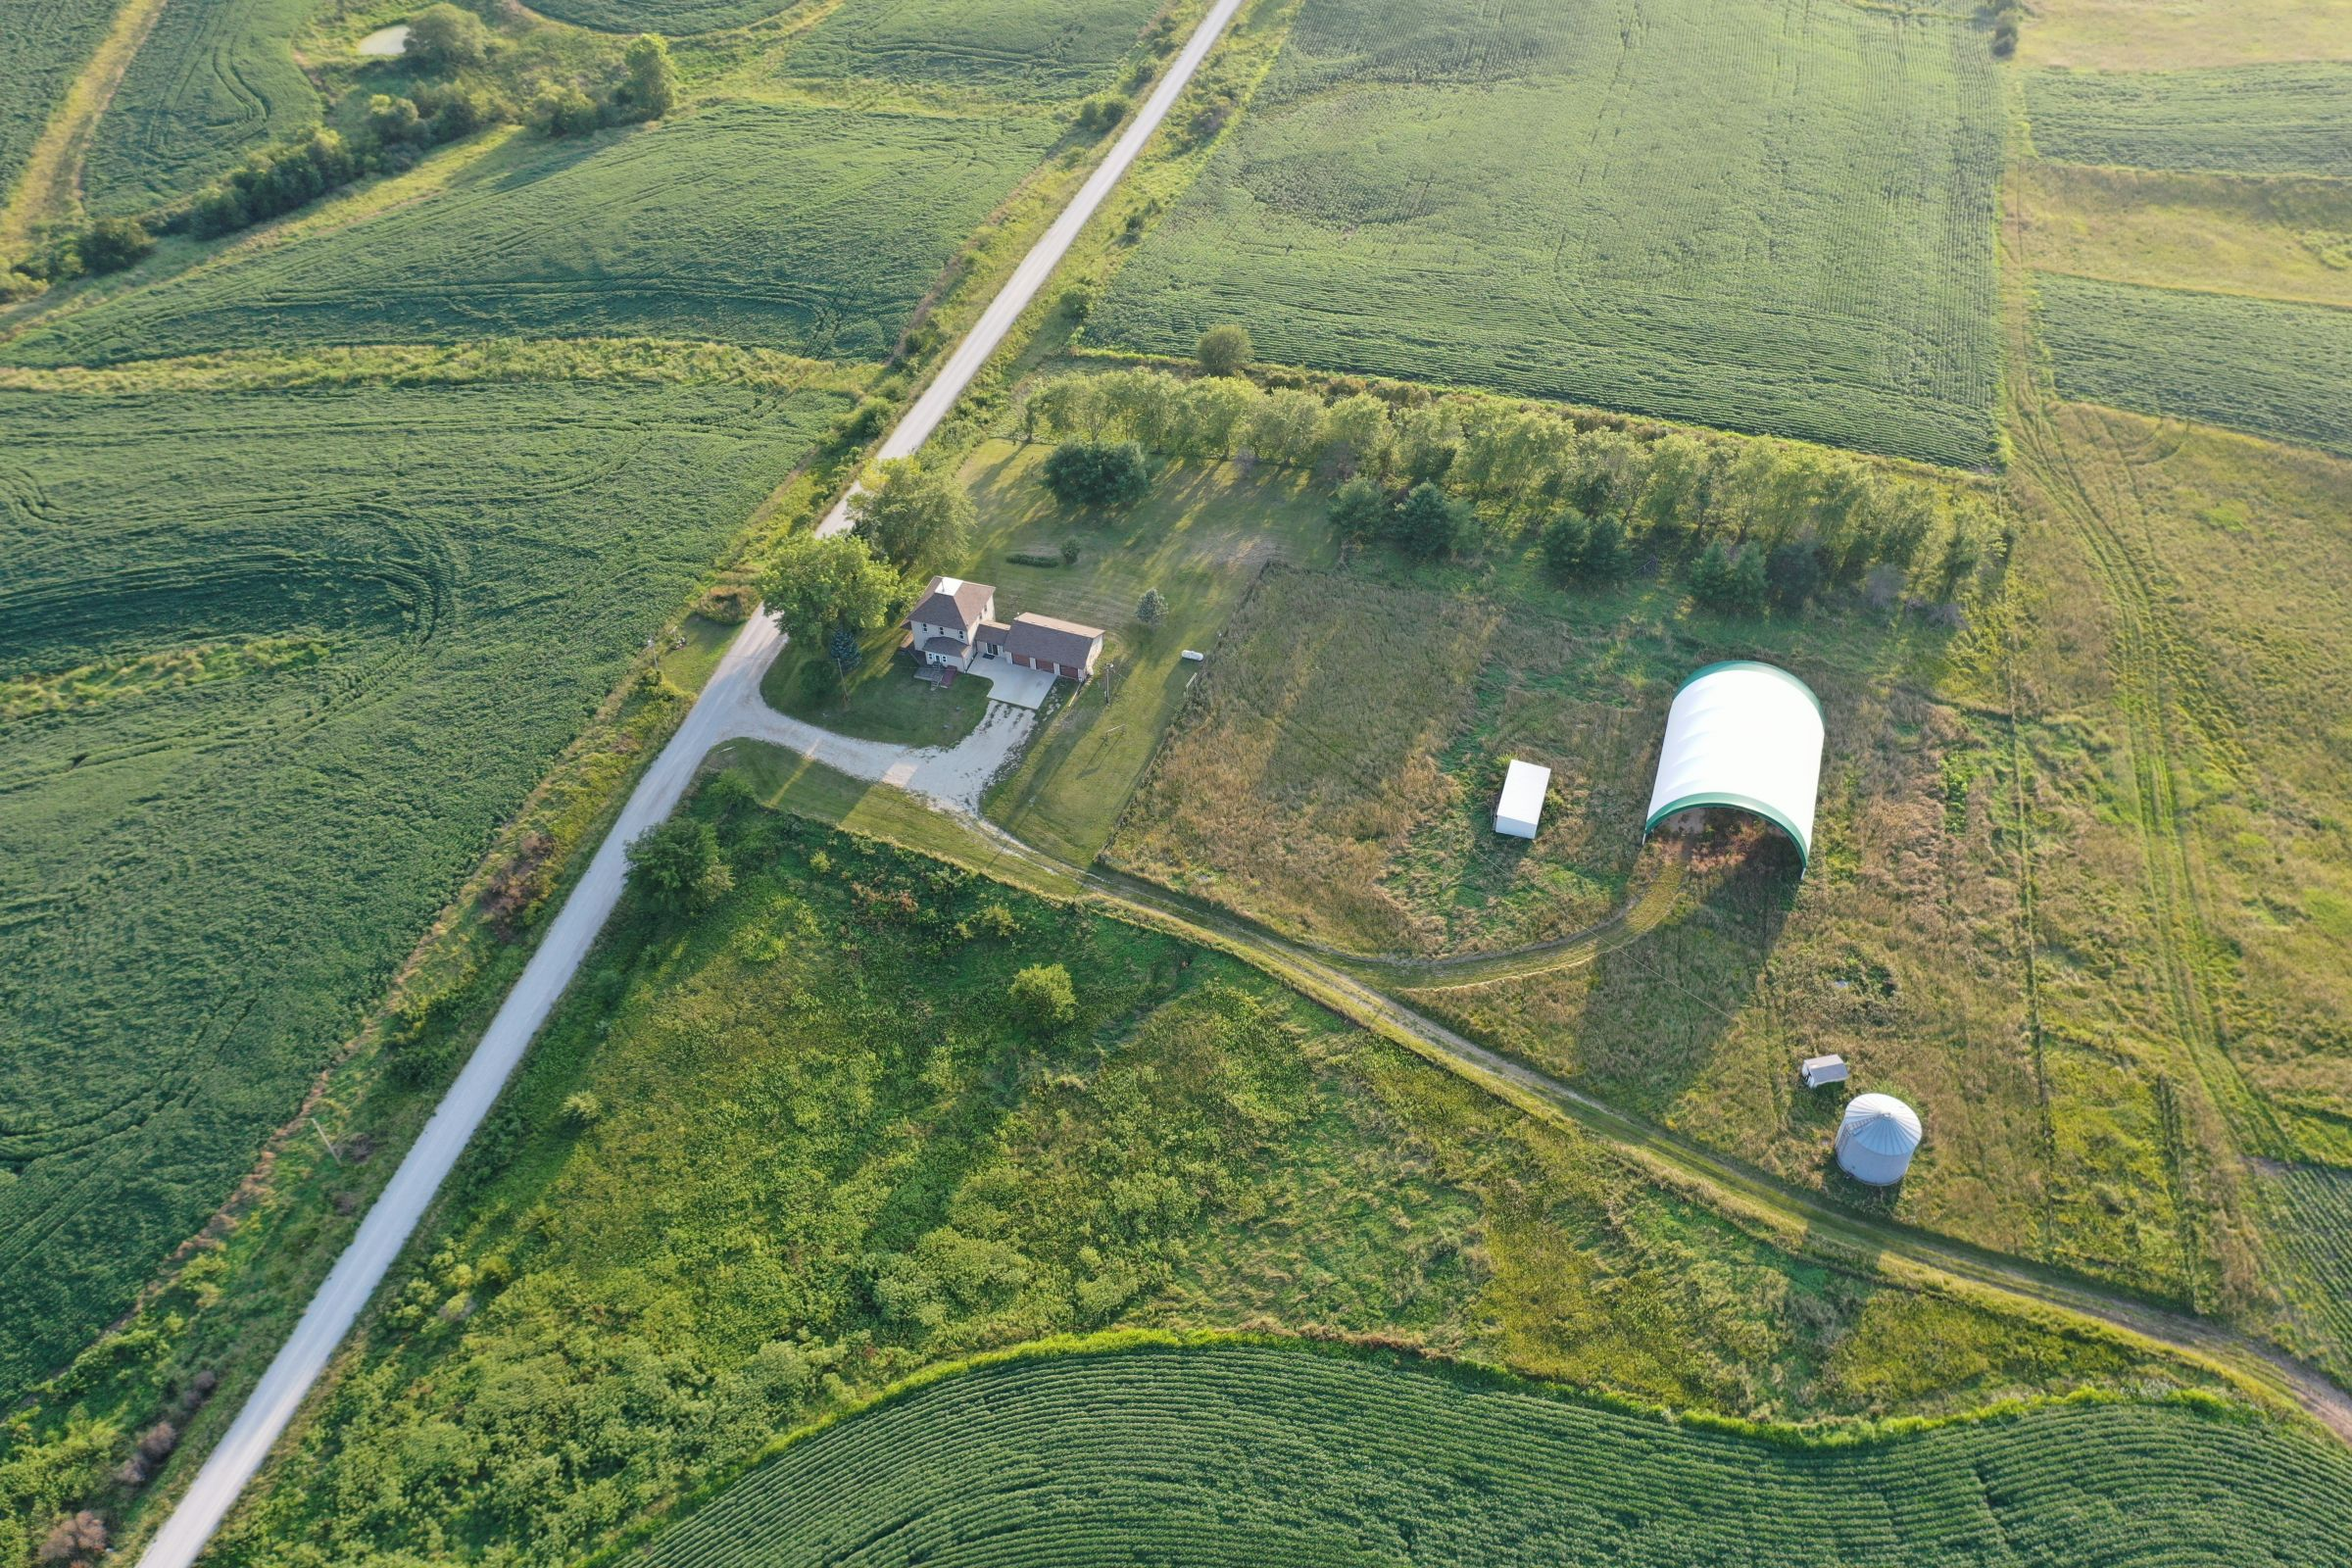 residential-adair-county-iowa-6-acres-listing-number-15664-5-2021-08-04-193349.JPG